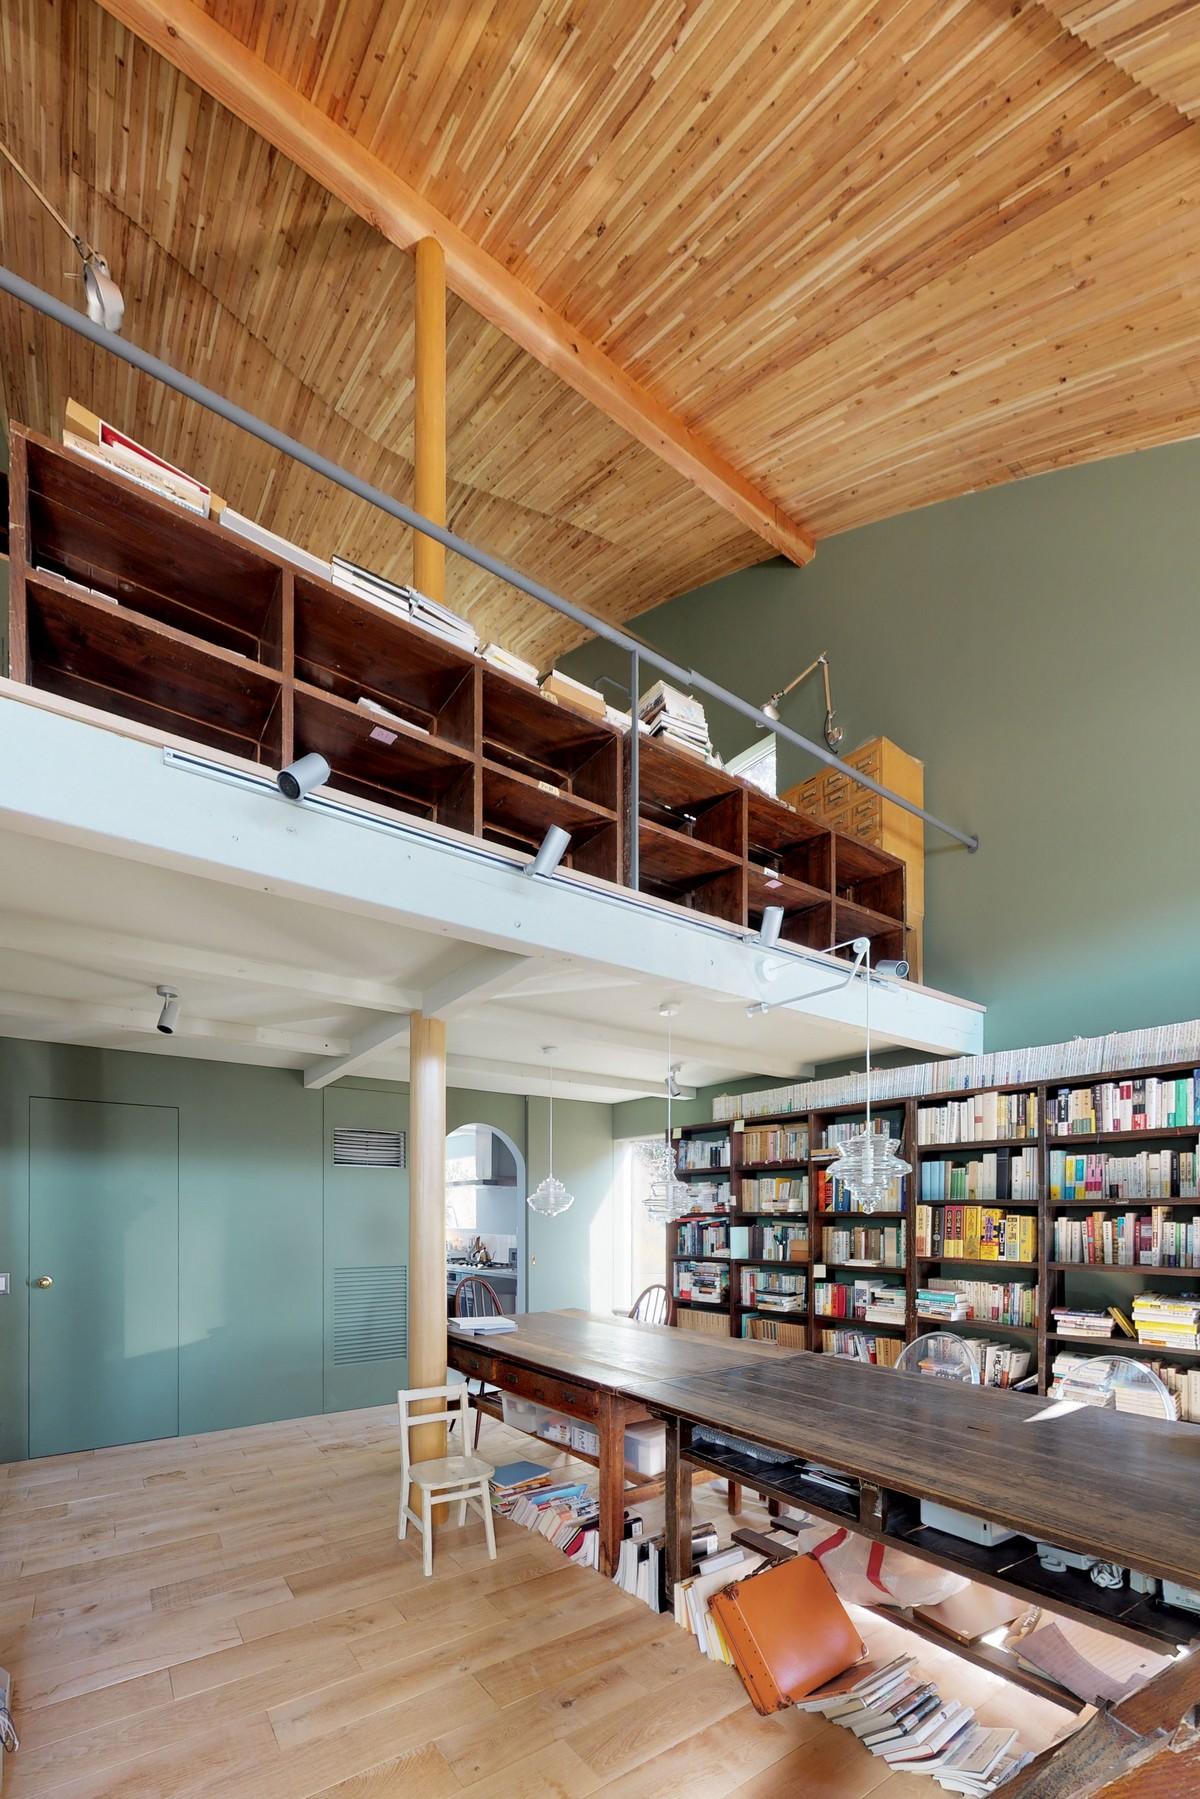 Двухэтажный дом-библиотека для жизни и работы в Японии